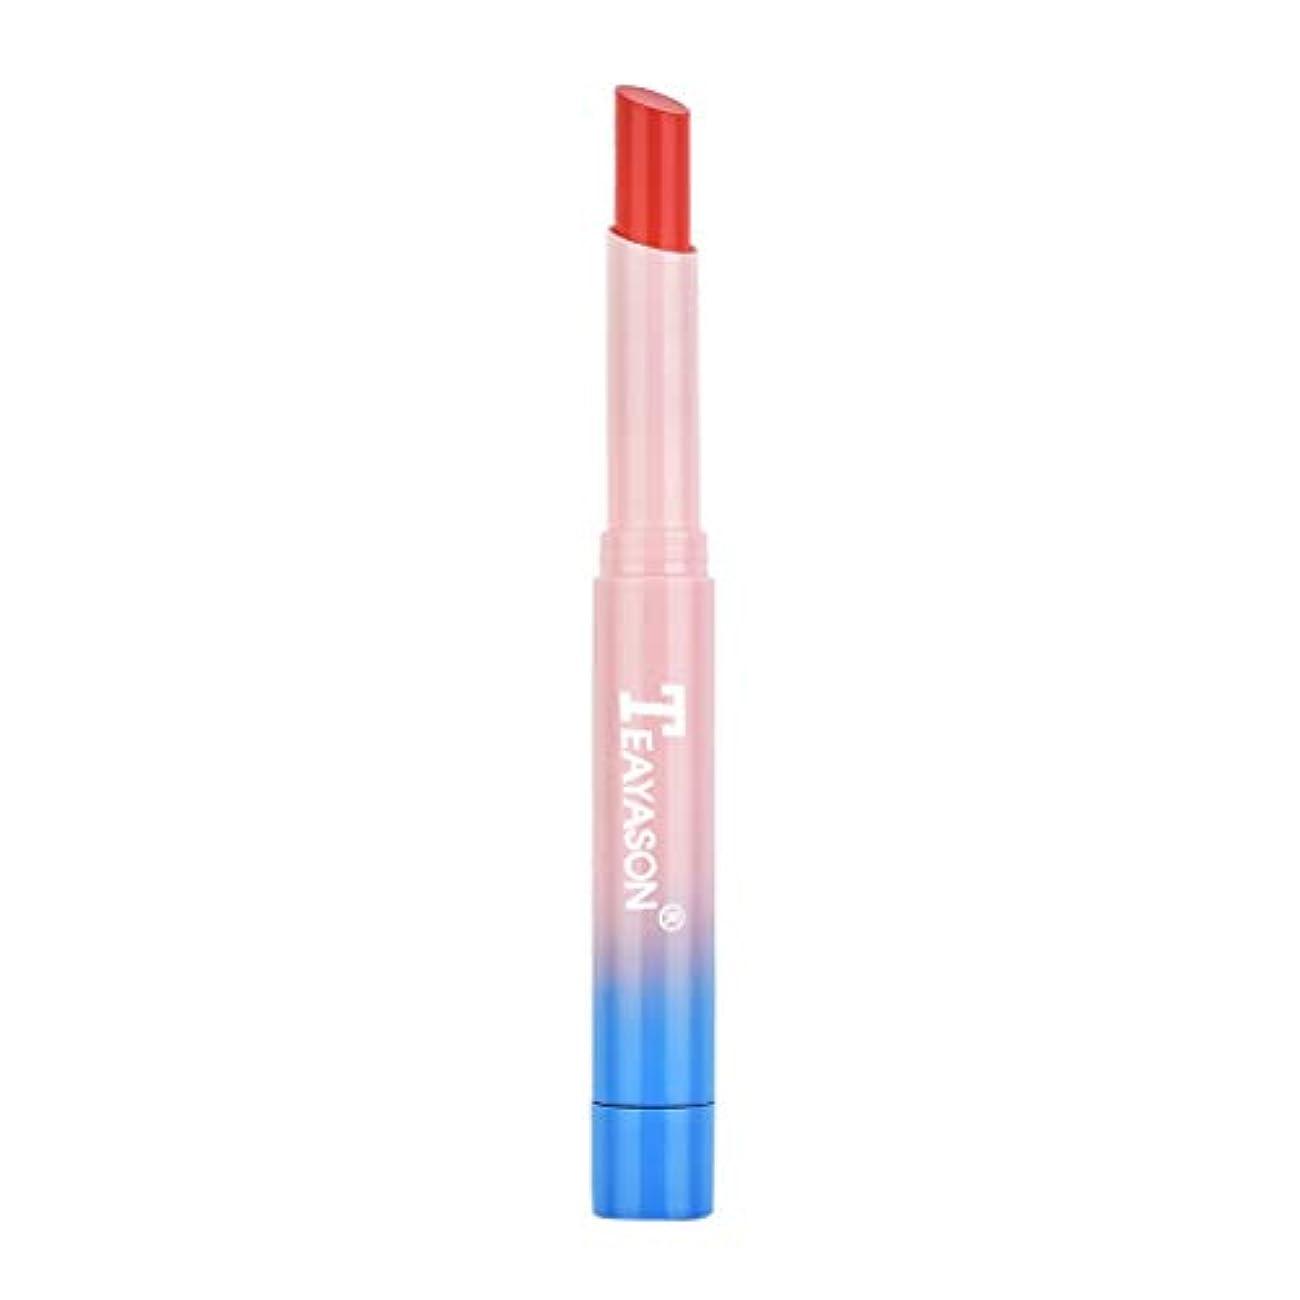 気晴らし純正強打口紅 BOBOGOJP 新タイプ かわいい オシャレなリップグロス 唇の温度で色が変化するリップ 天然オイル入り 自然なツヤ 保湿 長持ち リップスティック リップベース 防水 透明 リップベース 子供 大人 プレゼント (B) (B)